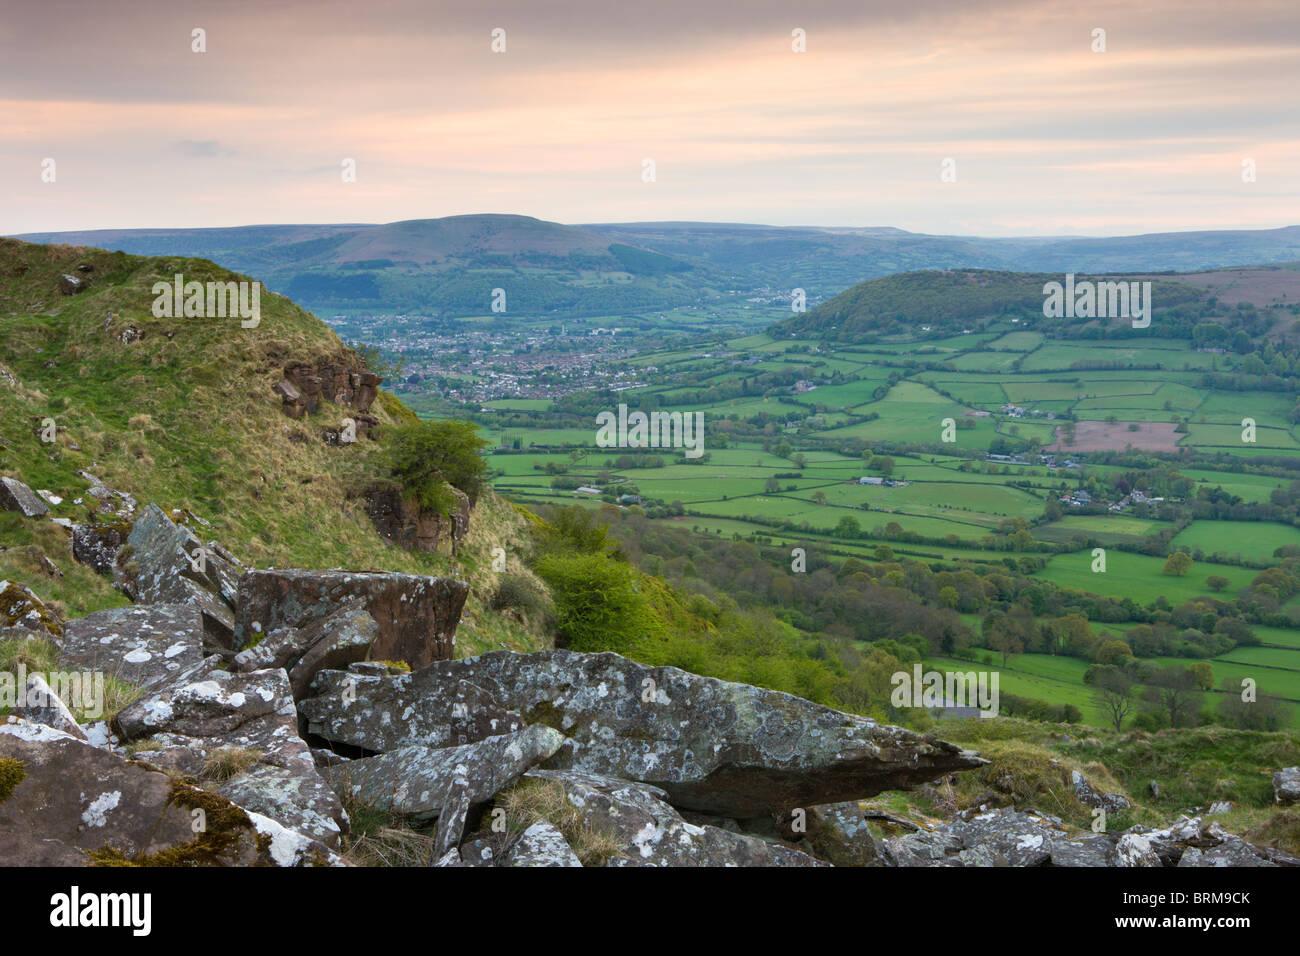 Campagne vallonnée à vers Abergavenny depuis le sommet de l'Skirrid (Ysgyryd Fawr) mountain, Brecon Photo Stock